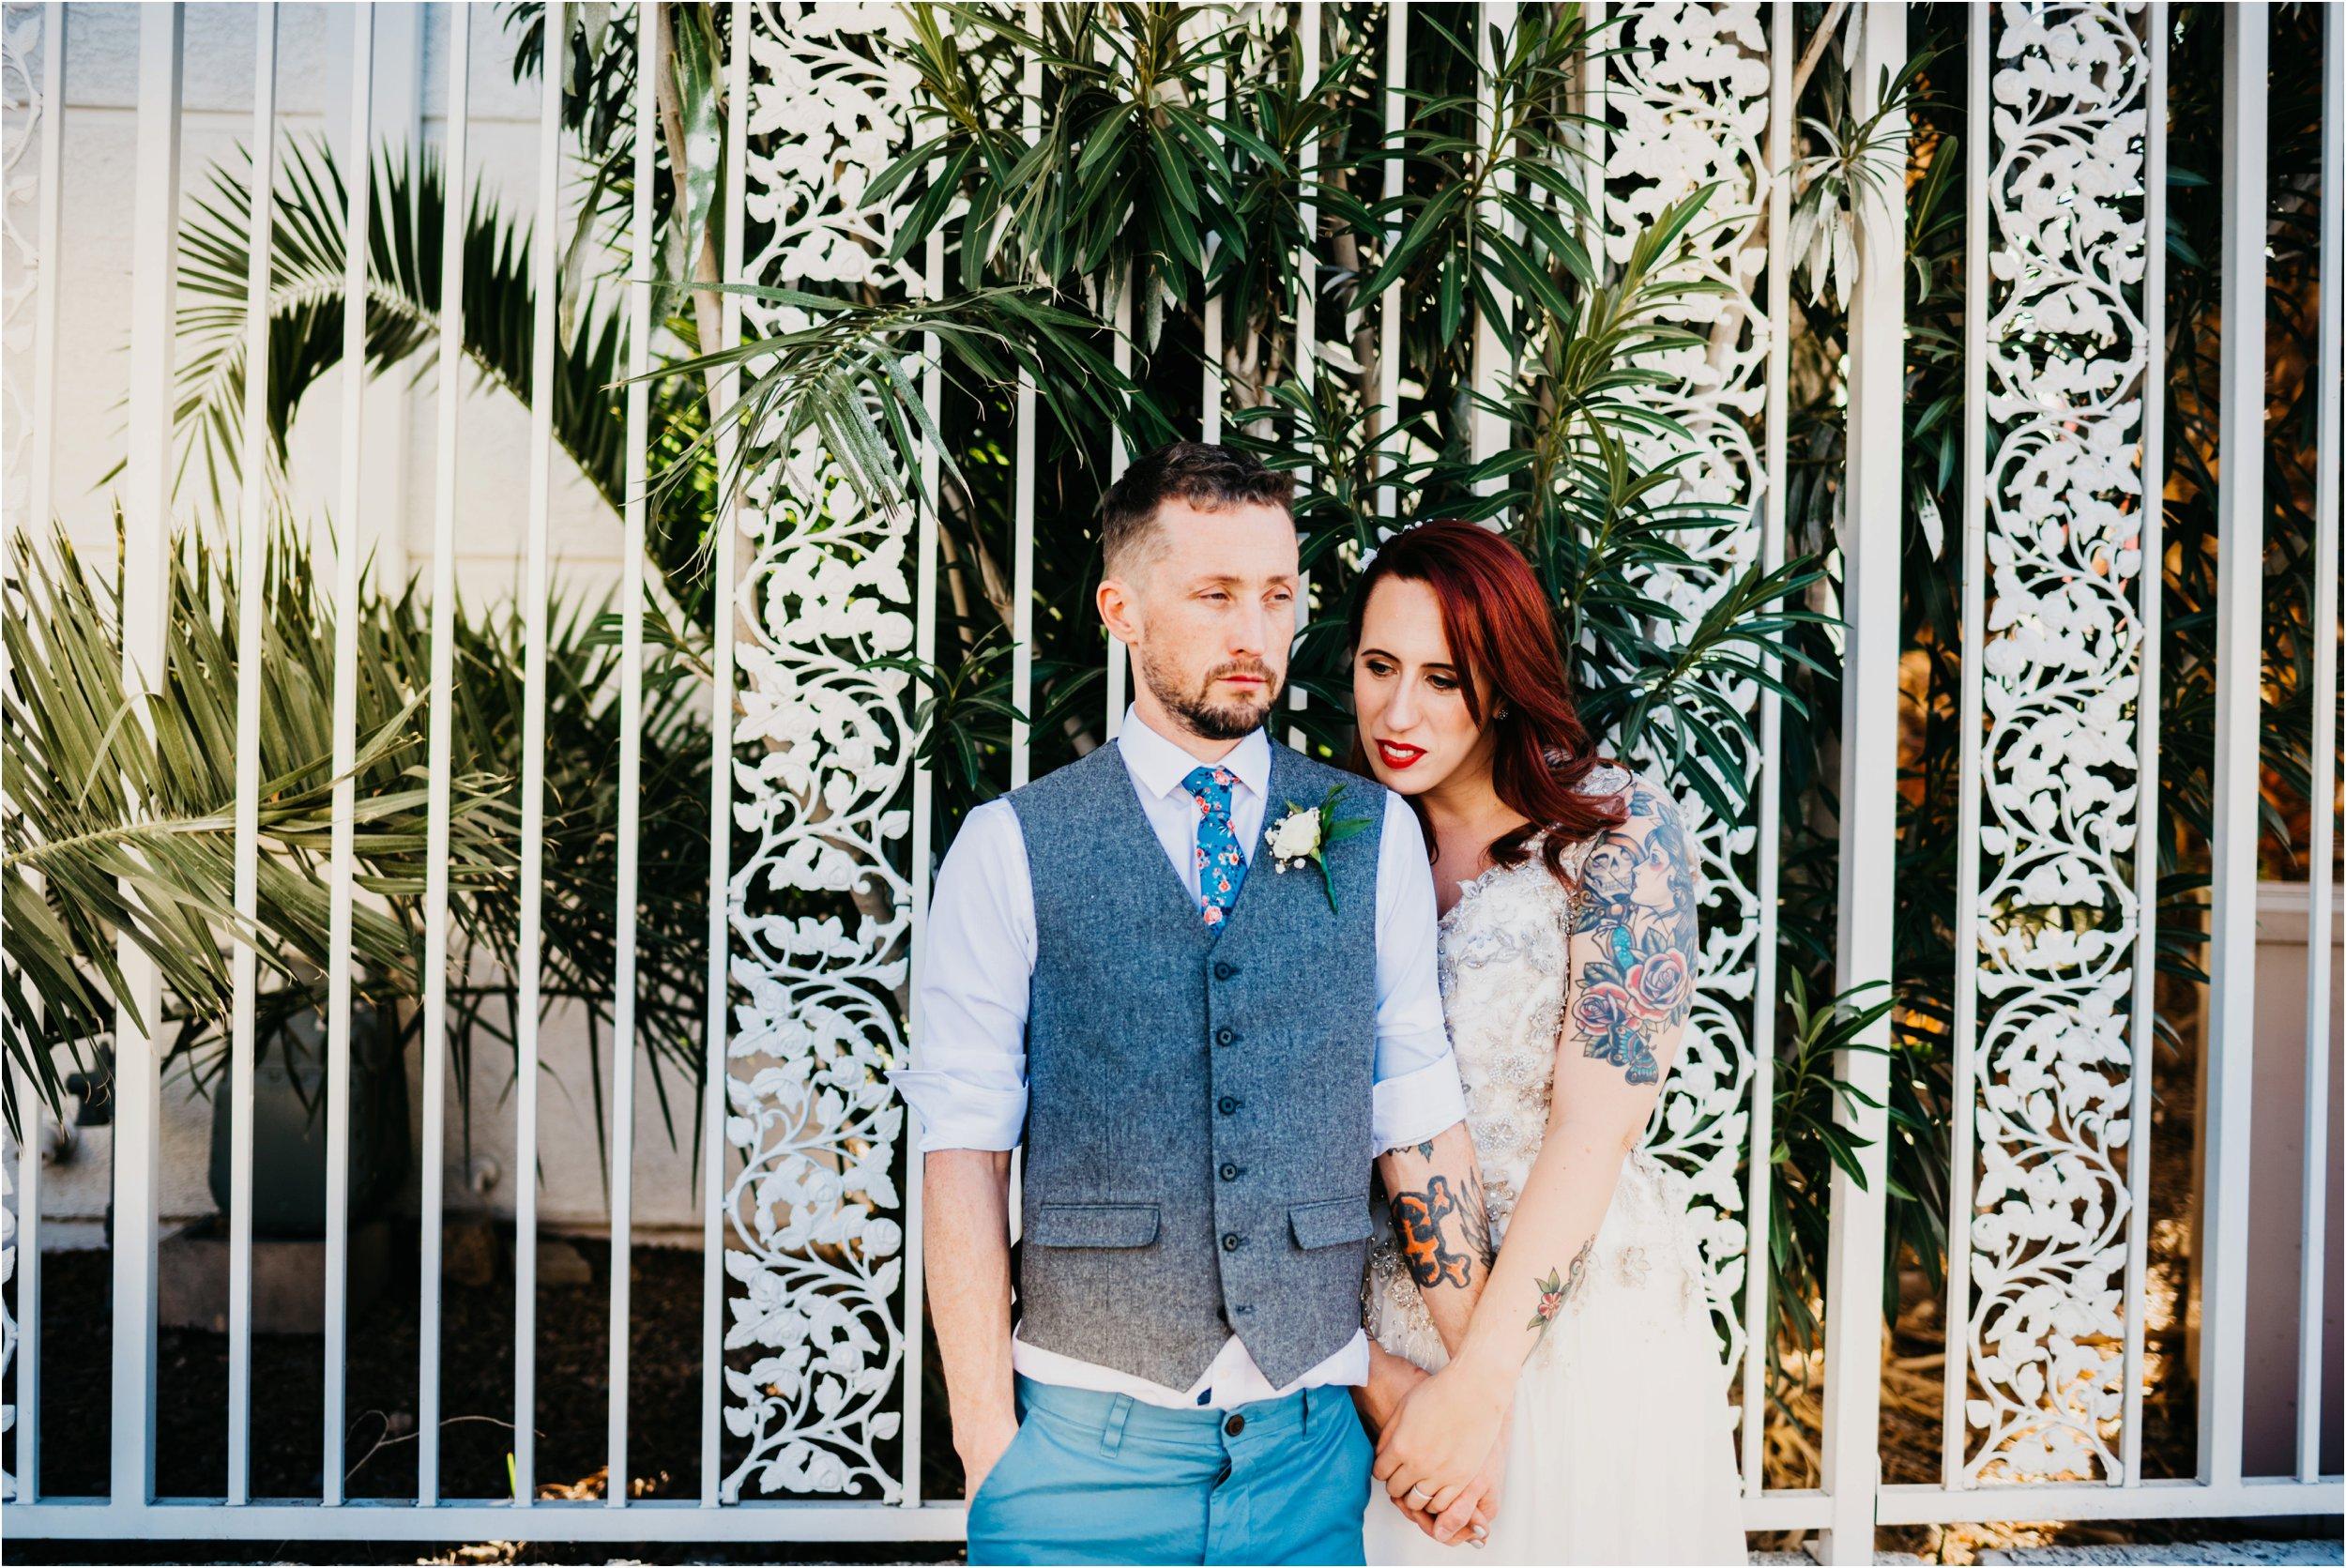 Vegas elopement destination wedding photographer_0127.jpg